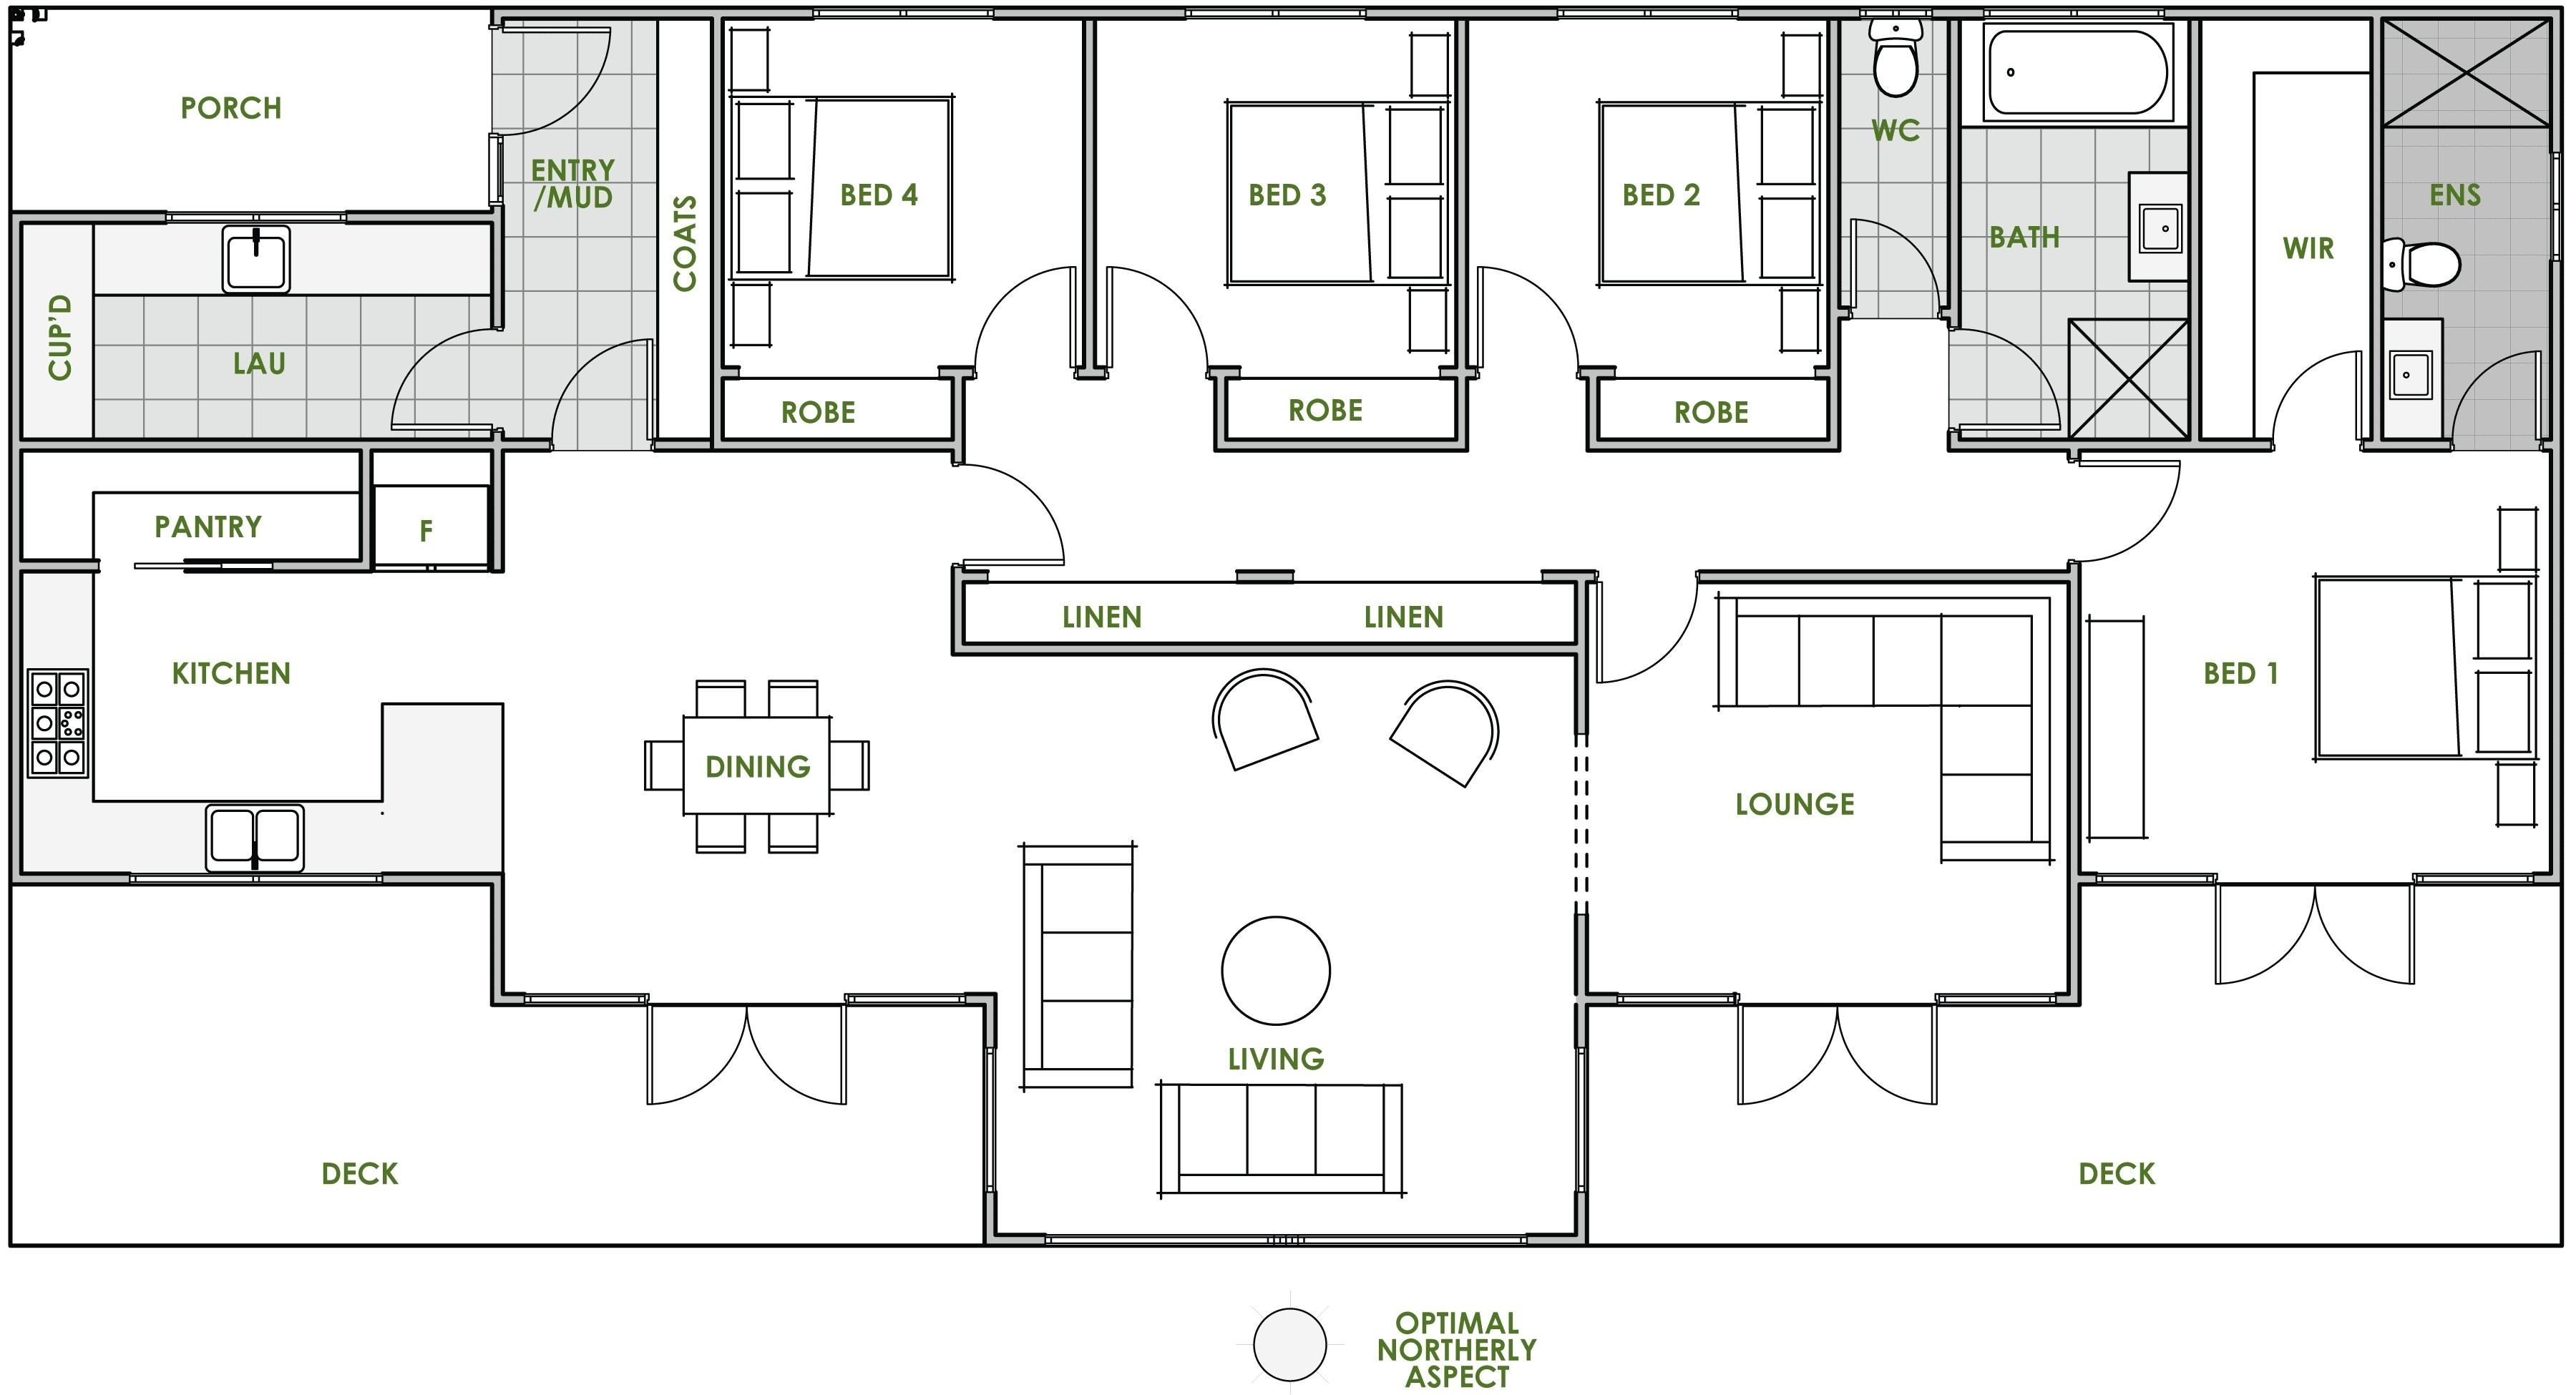 ice house plans best of earth home plans unique design floor plans fresh home plans 0d